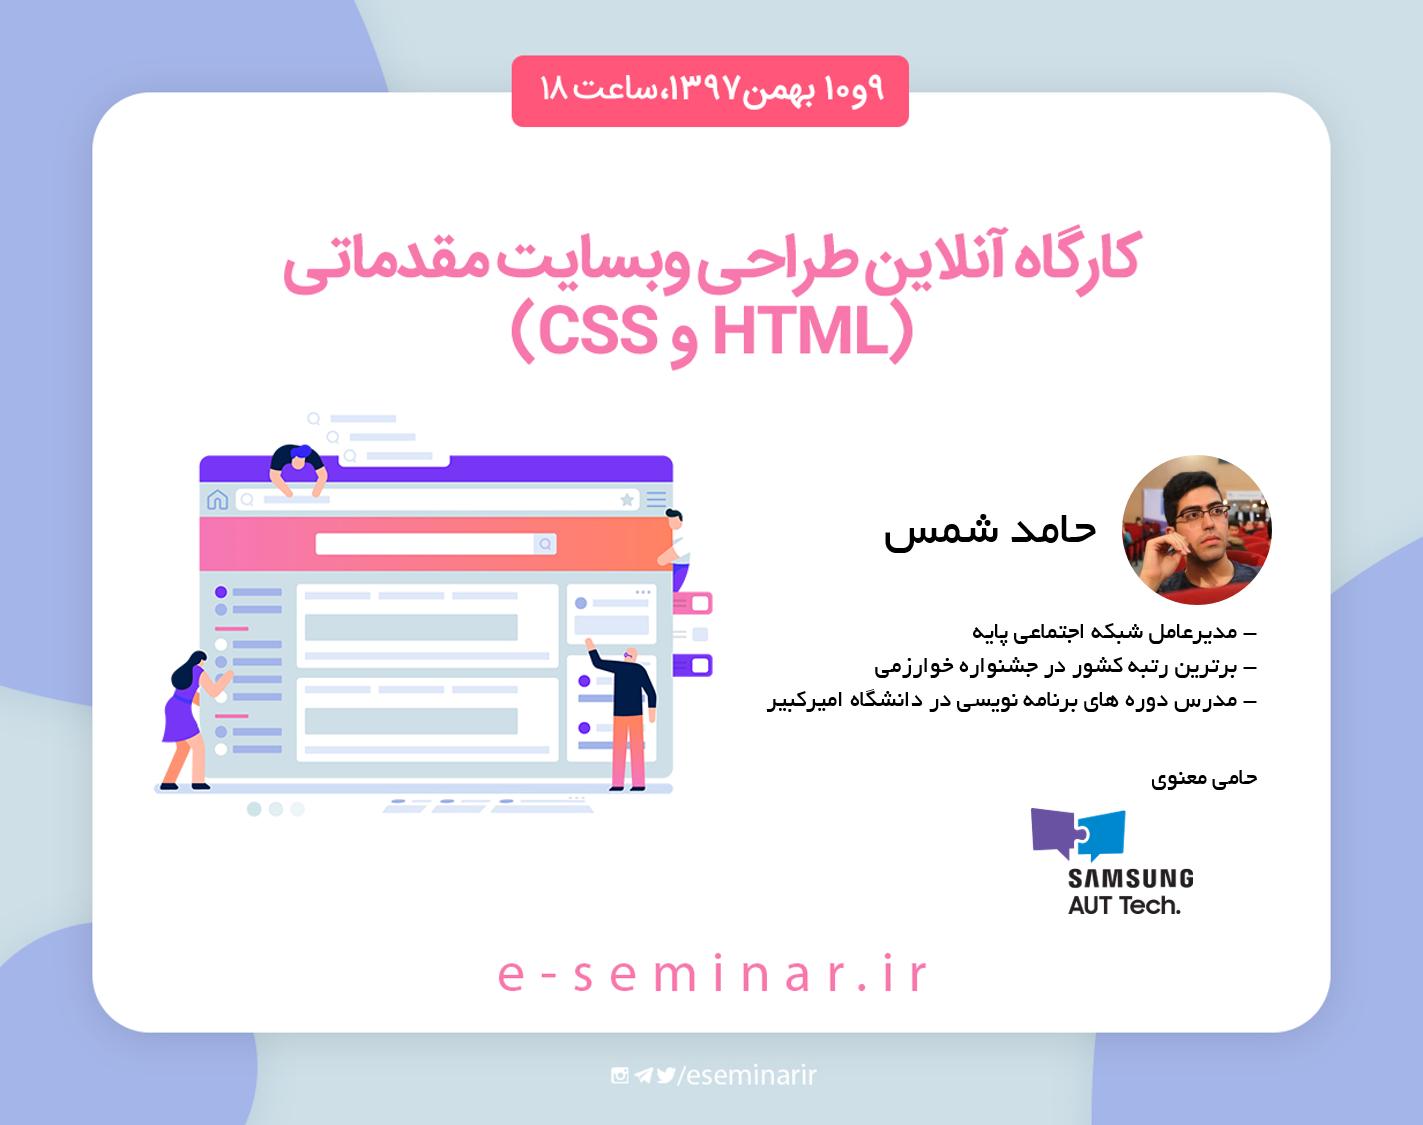 کارگاه آنلاین طراحی وبسایت مقدماتی (HTML و CSS)